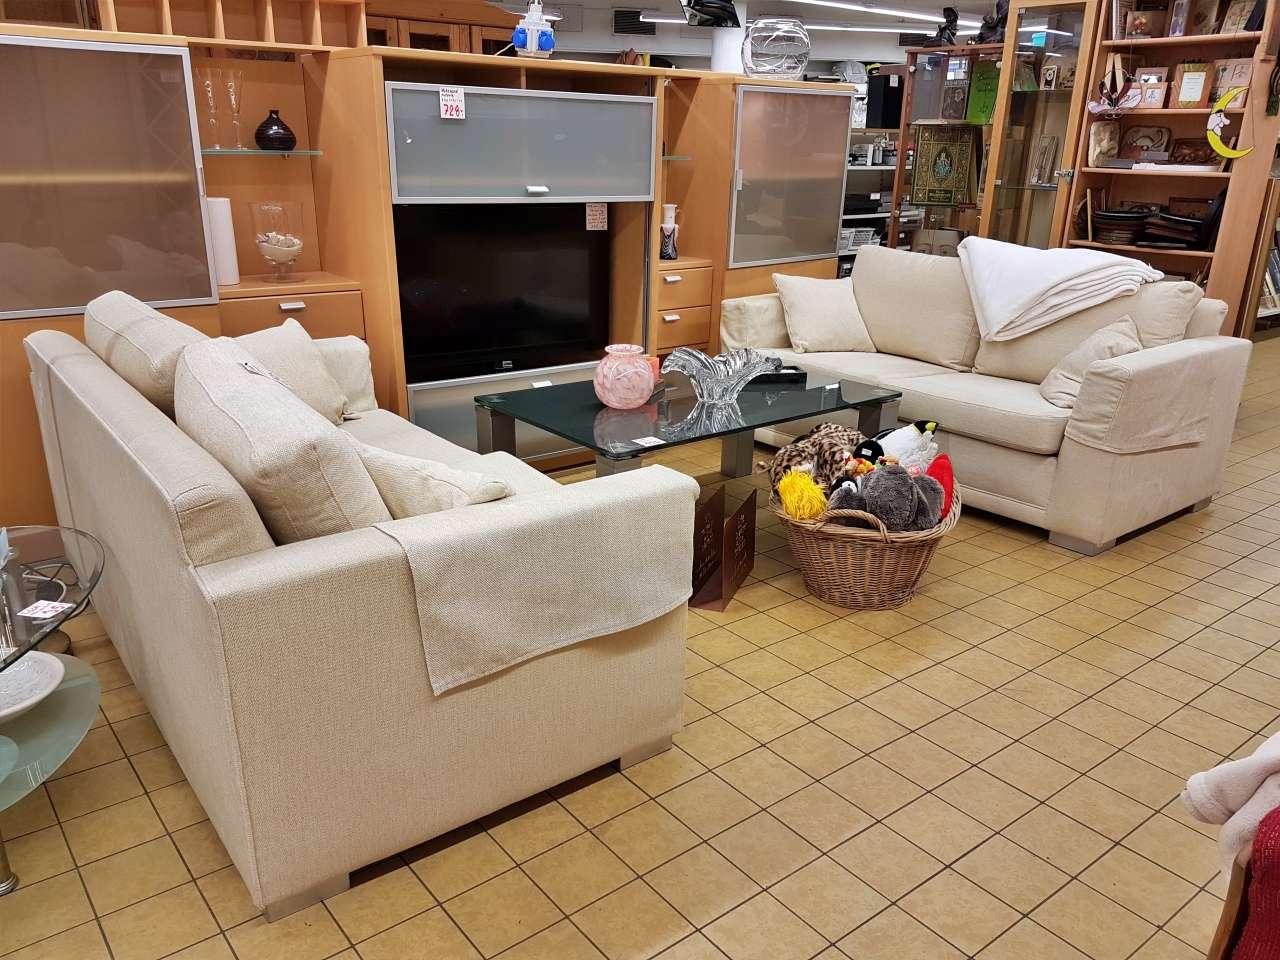 Möbel Einrichtung Sofa Couch 2-Sitzer Stoff hell